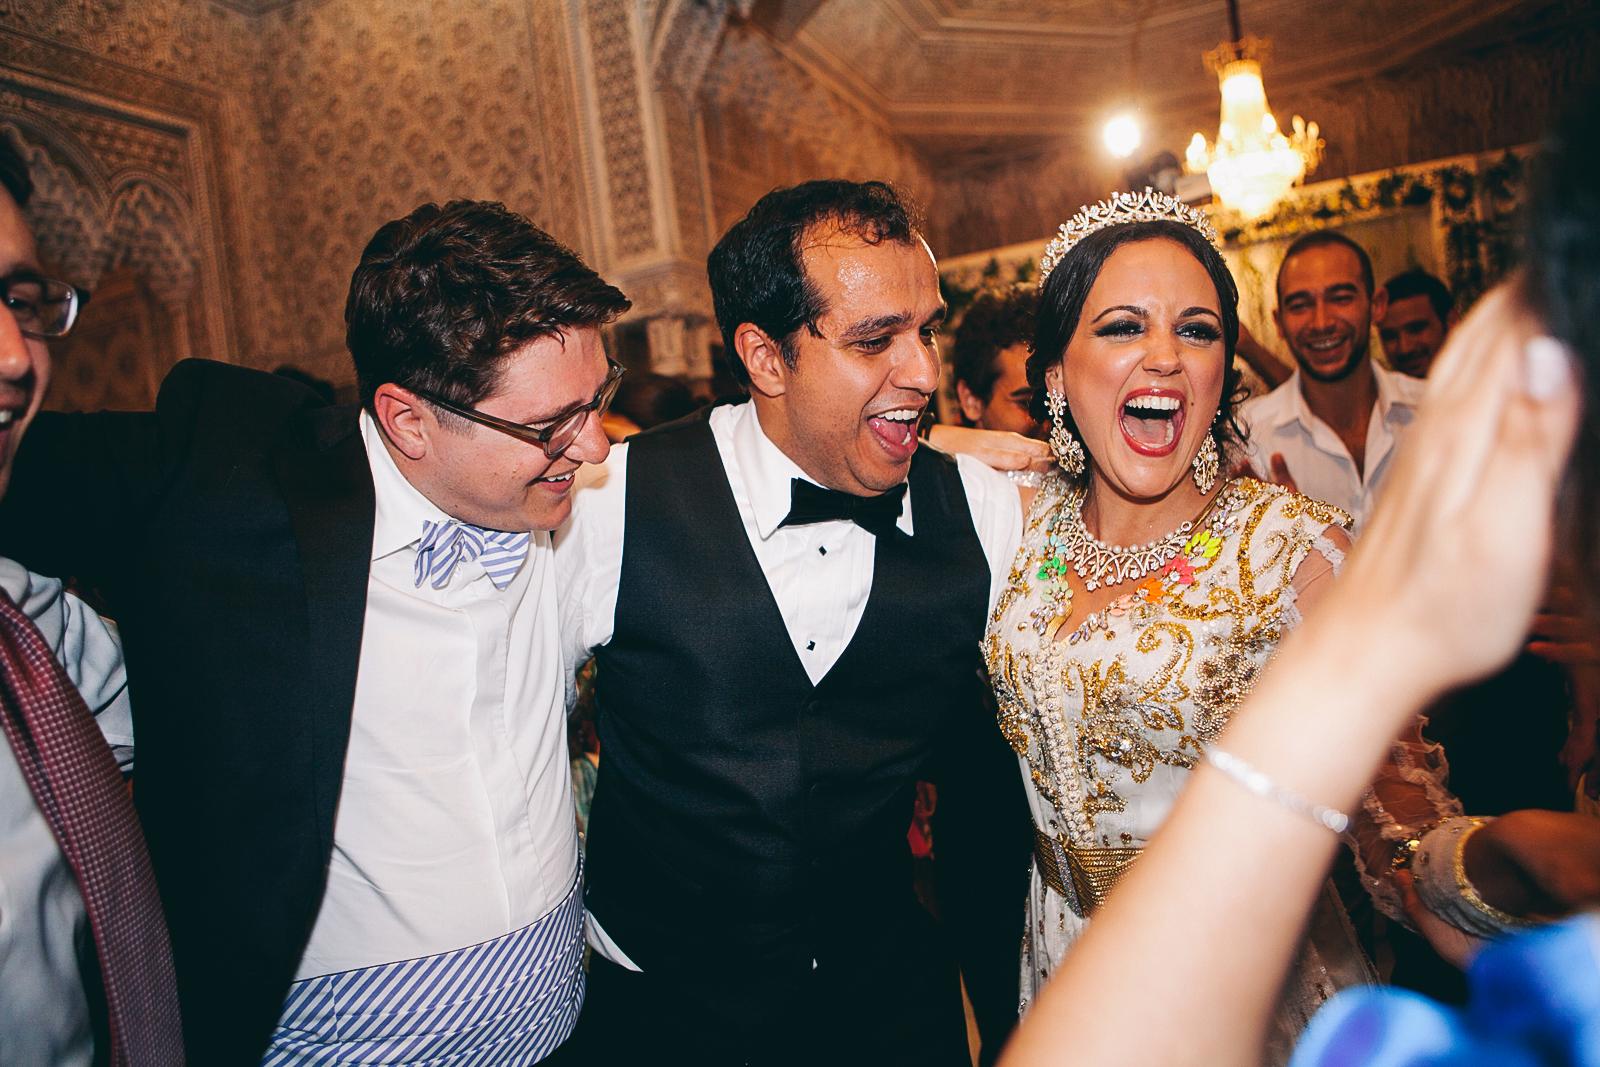 traditional_moroccan_wedding_photographry_casablanca_morocco_houda_vivek_ebony_siovhan_bokeh_photography_180.jpg